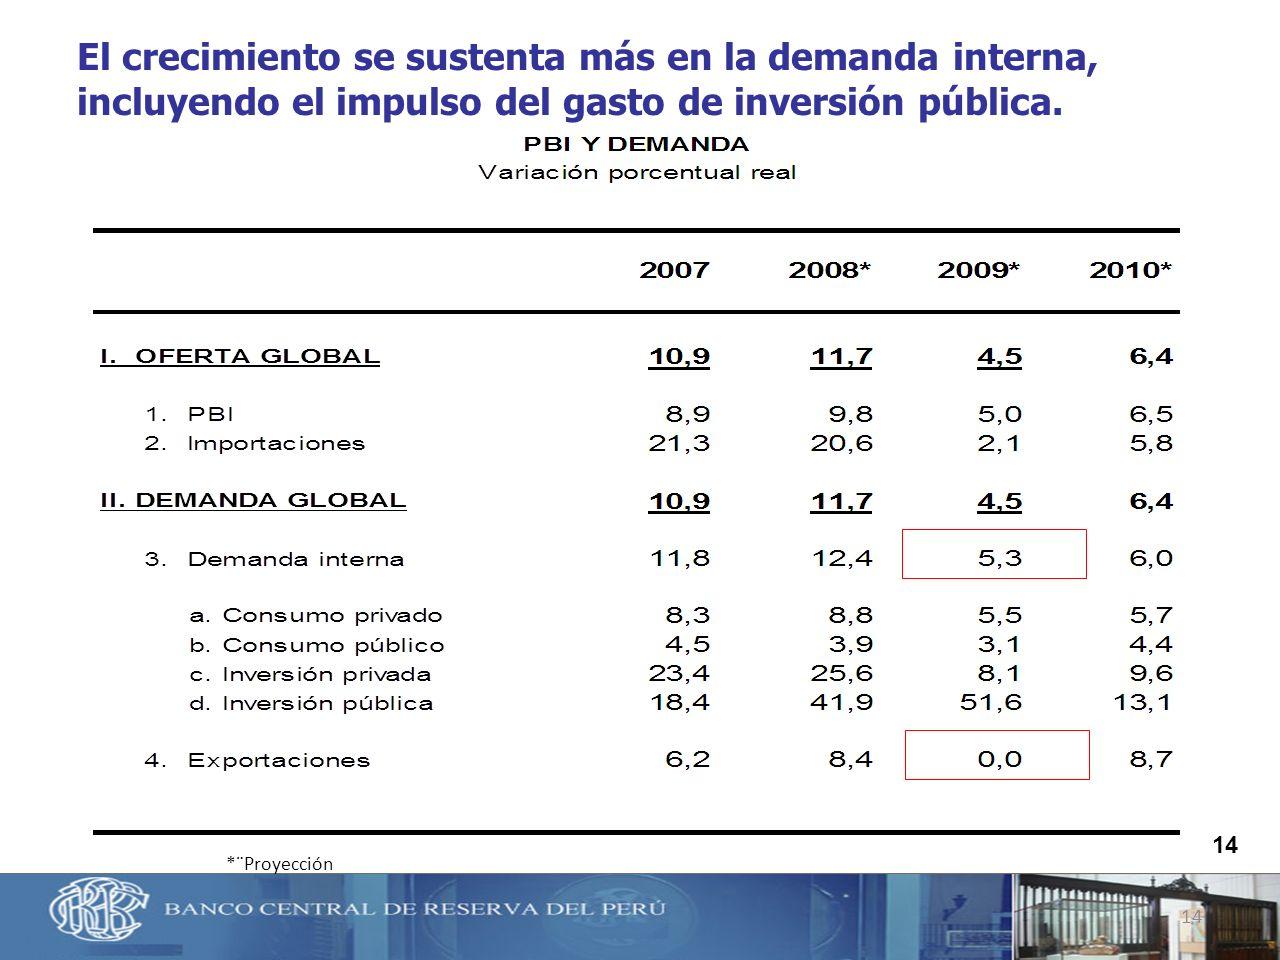 14 El crecimiento se sustenta más en la demanda interna, incluyendo el impulso del gasto de inversión pública. *¨Proyección 14